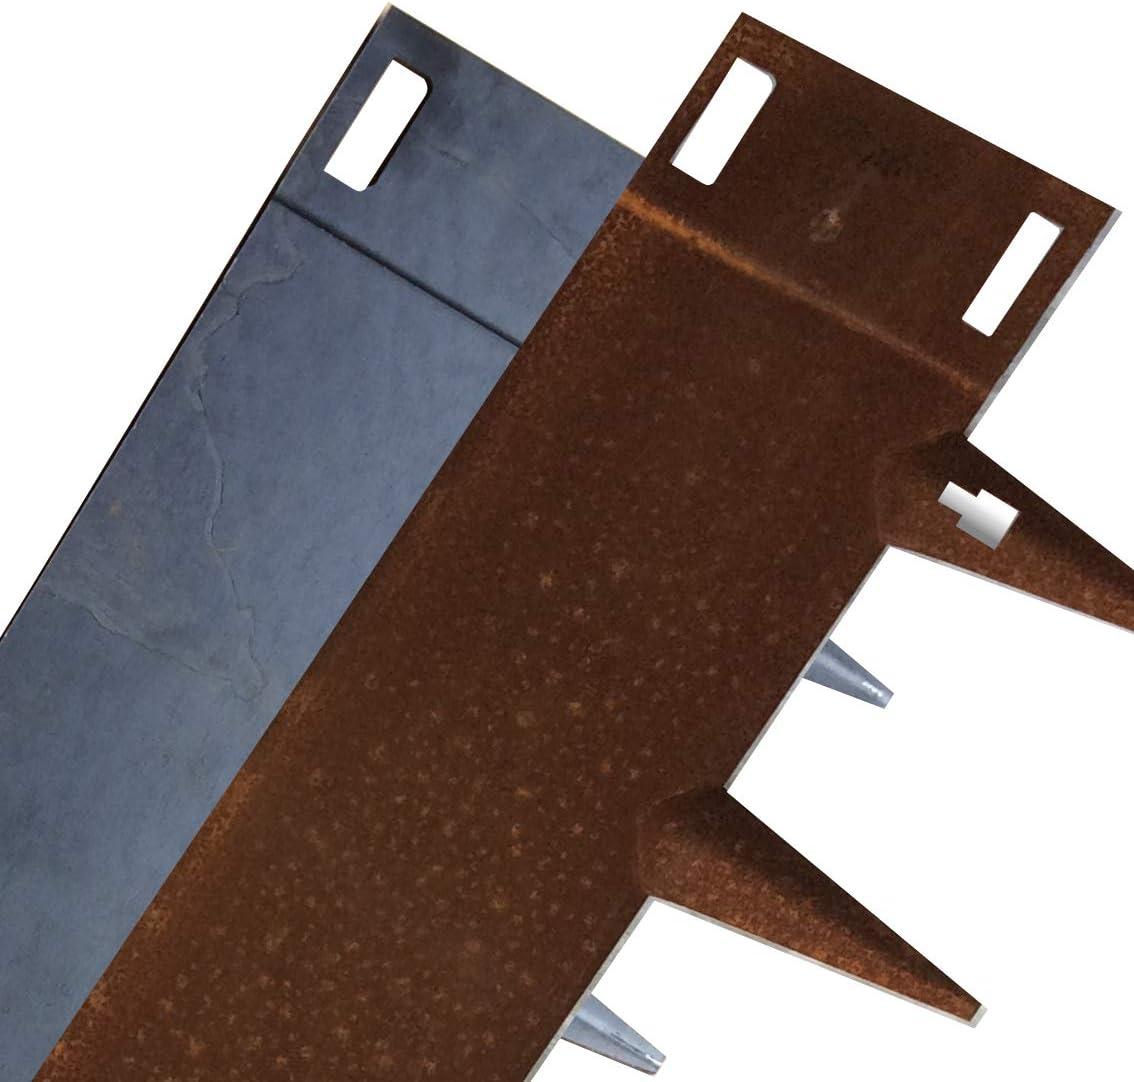 Core Edge Heavy Duty Flexible Teel Lawn Edging CorTen 6